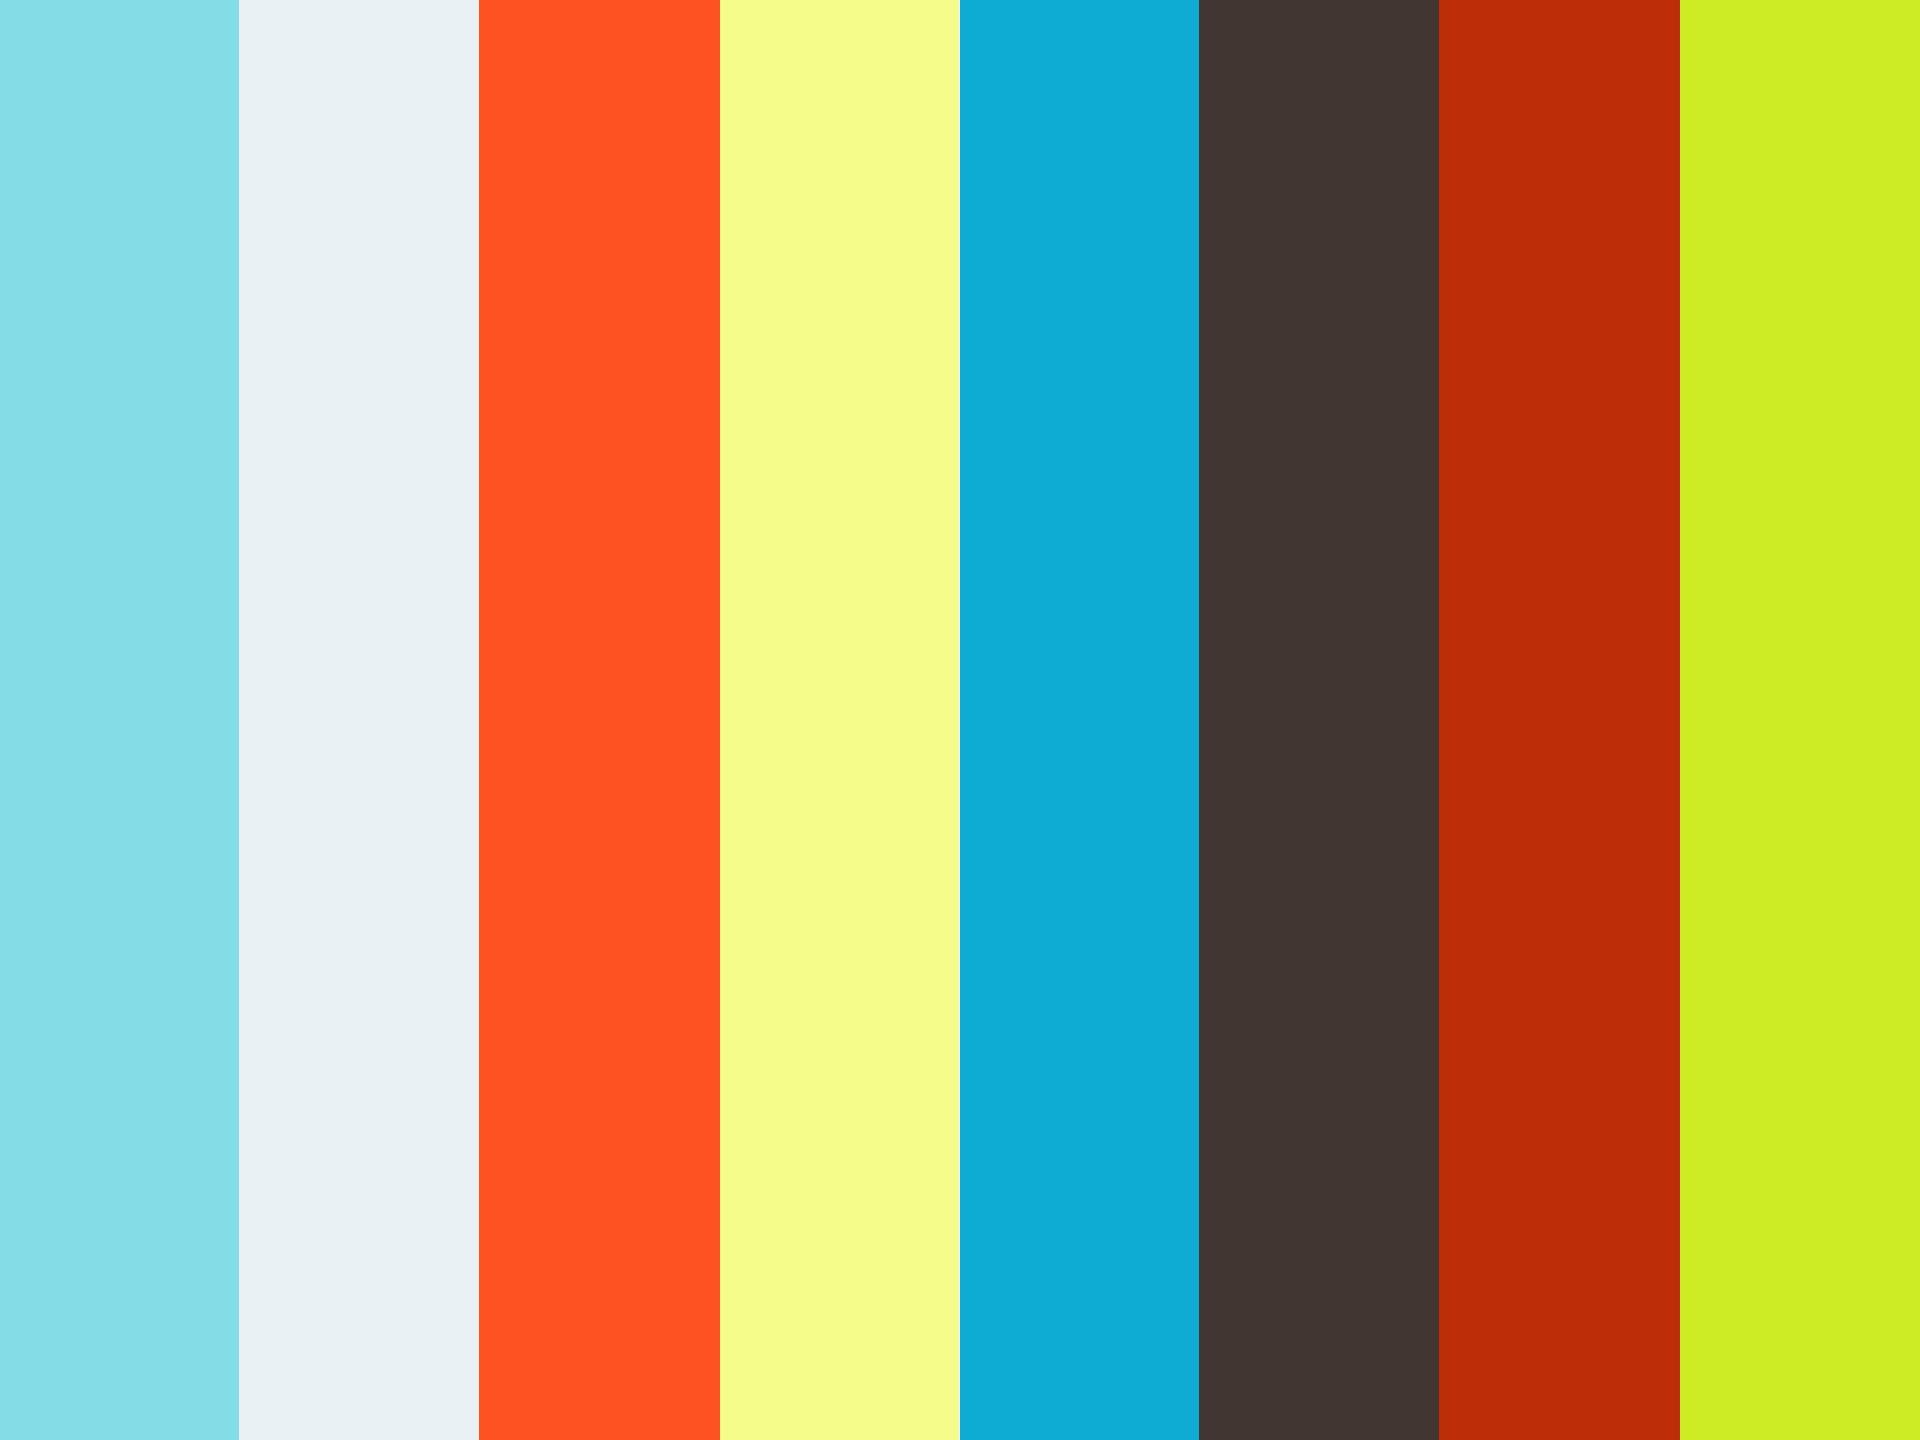 【シリーズ】第16回 日本顕微鏡歯科学会 学術大会:佐氏英介先生:補綴処置の精密歯科治療とマイクロスコープの活用方法について